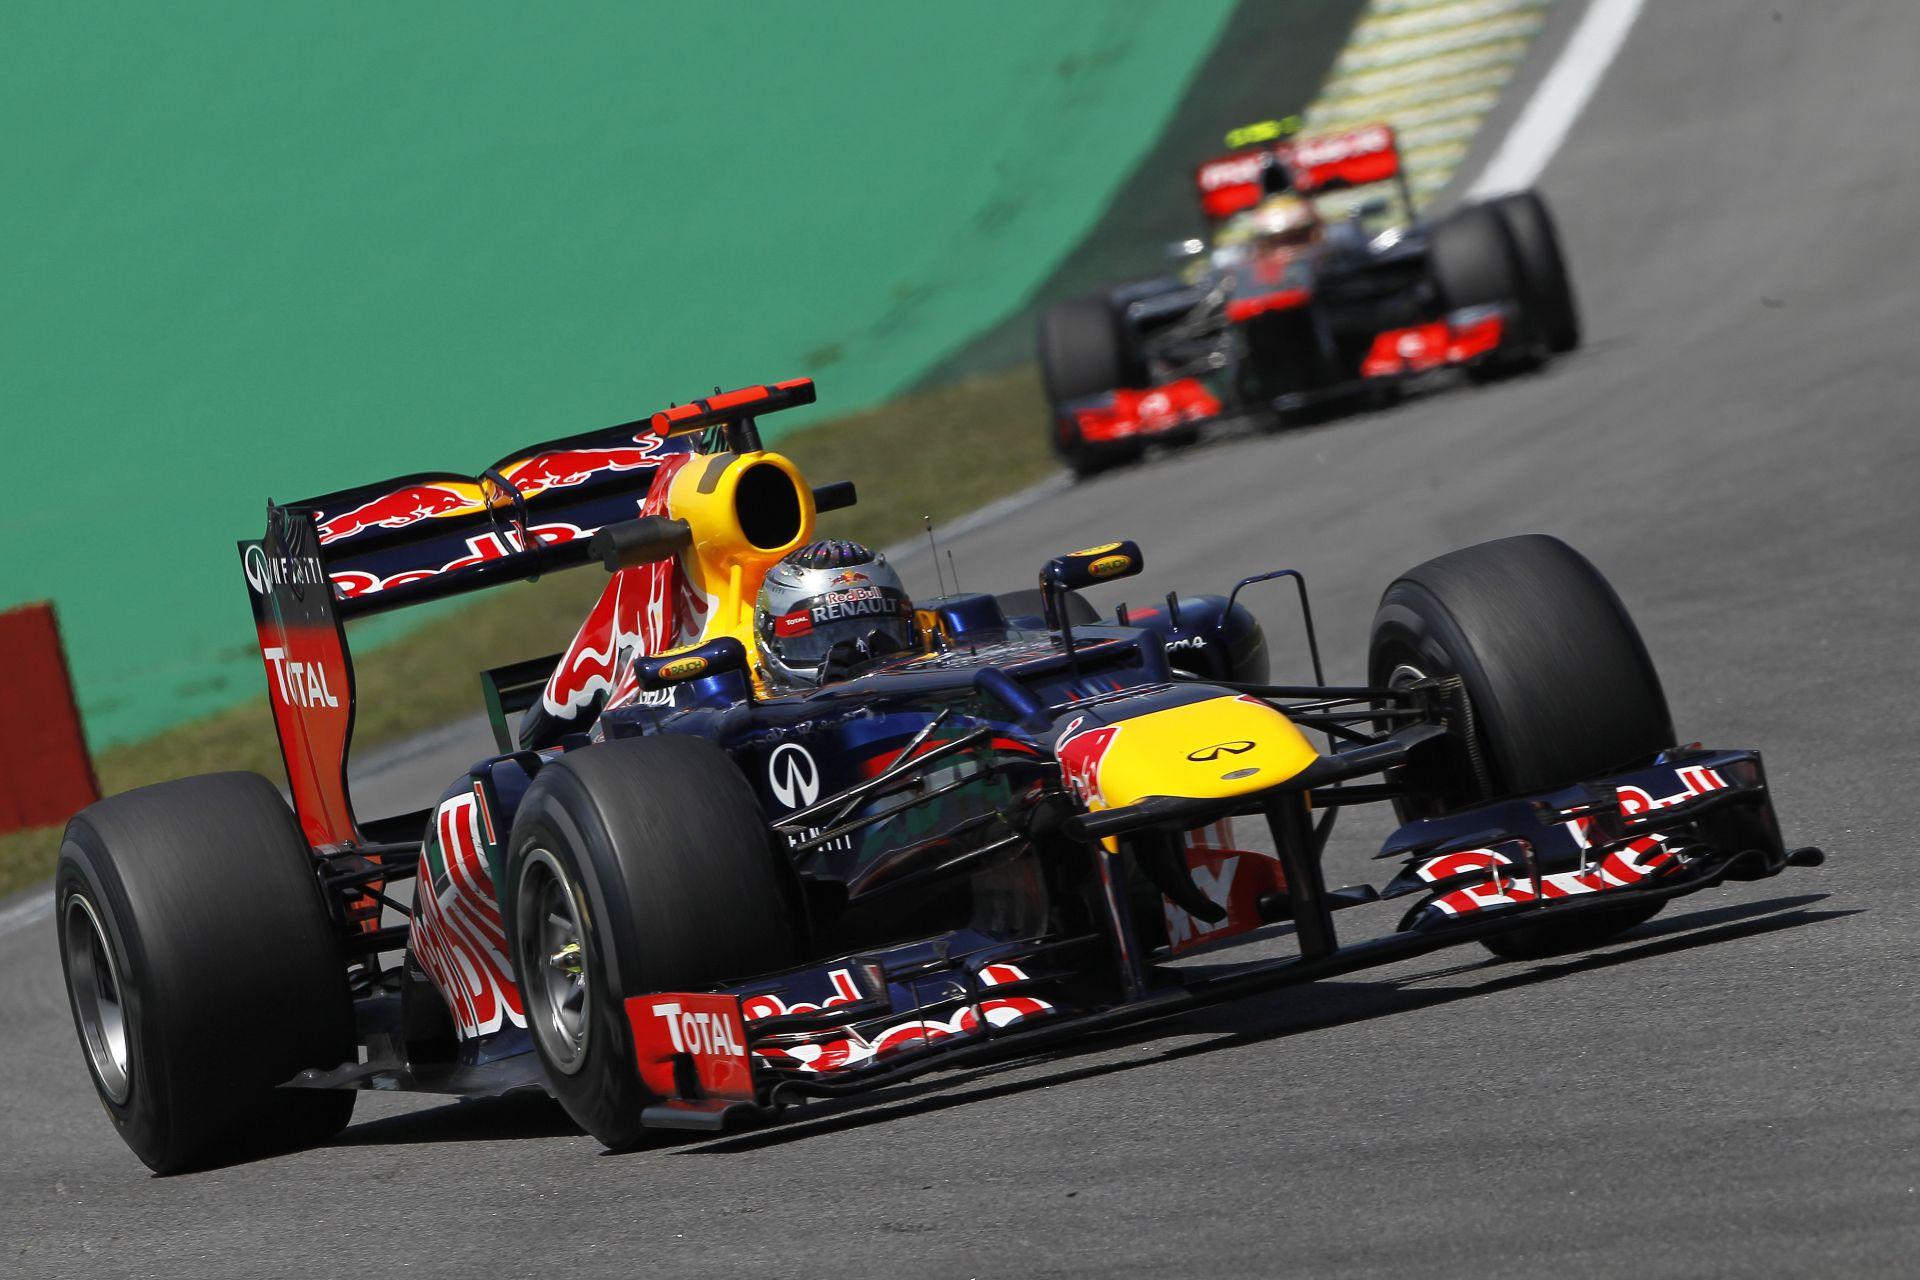 Amikor úgy tűnt, Vettel nem lesz bajnok Brazíliában